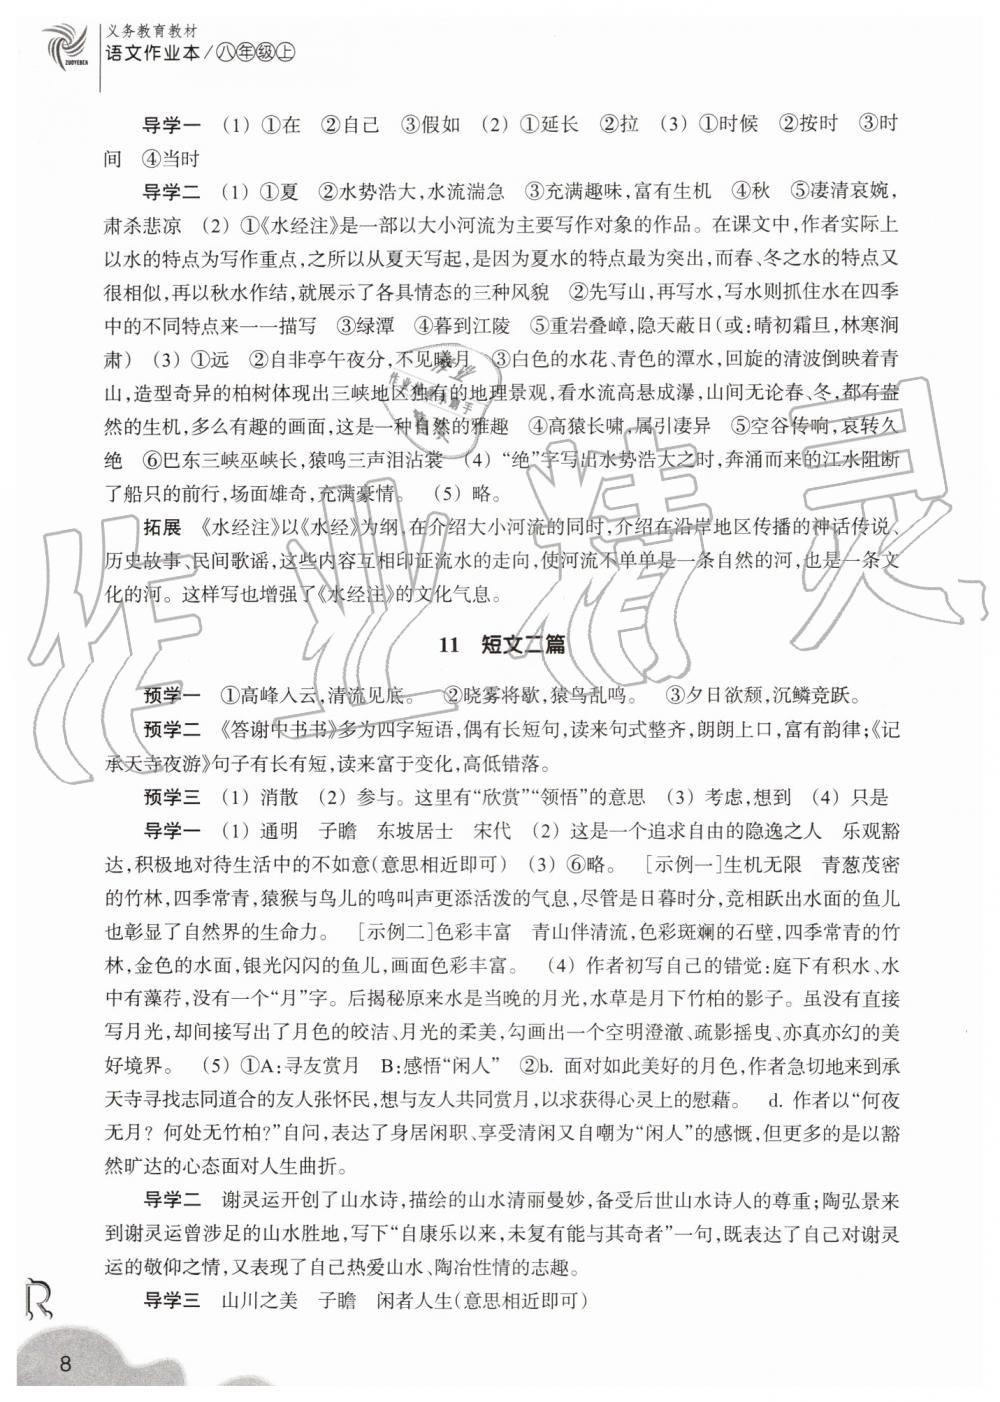 2019年作業本八年級語文上冊人教版浙江教育出版社第8頁